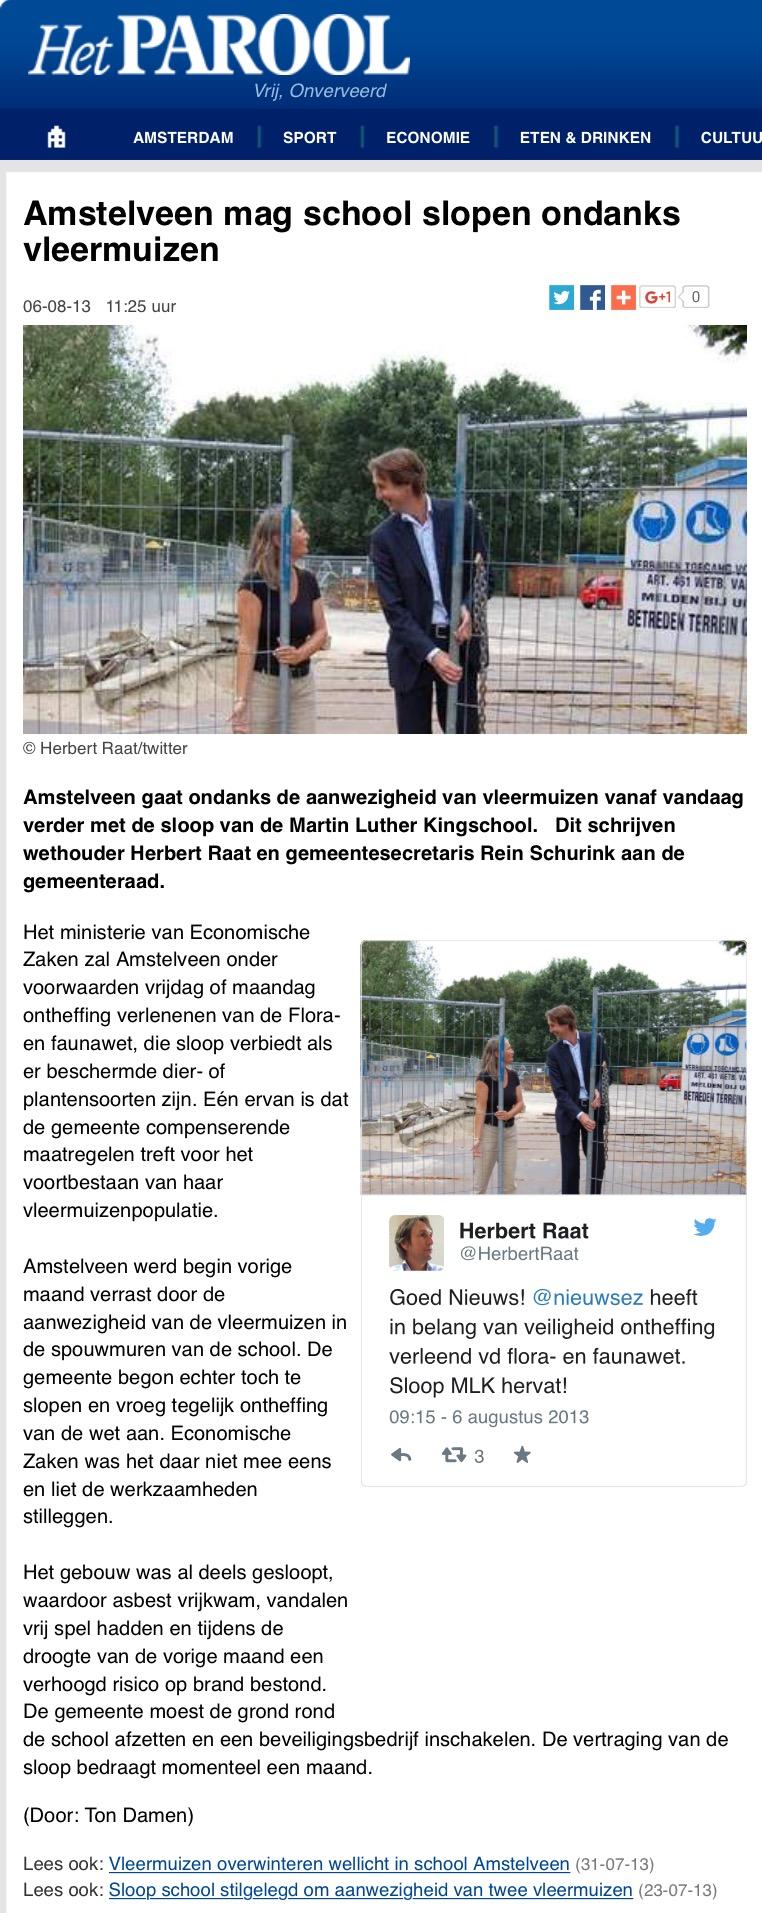 2013-8-6 Het Parool; Herbert Raat vleermuizen Amstelveen